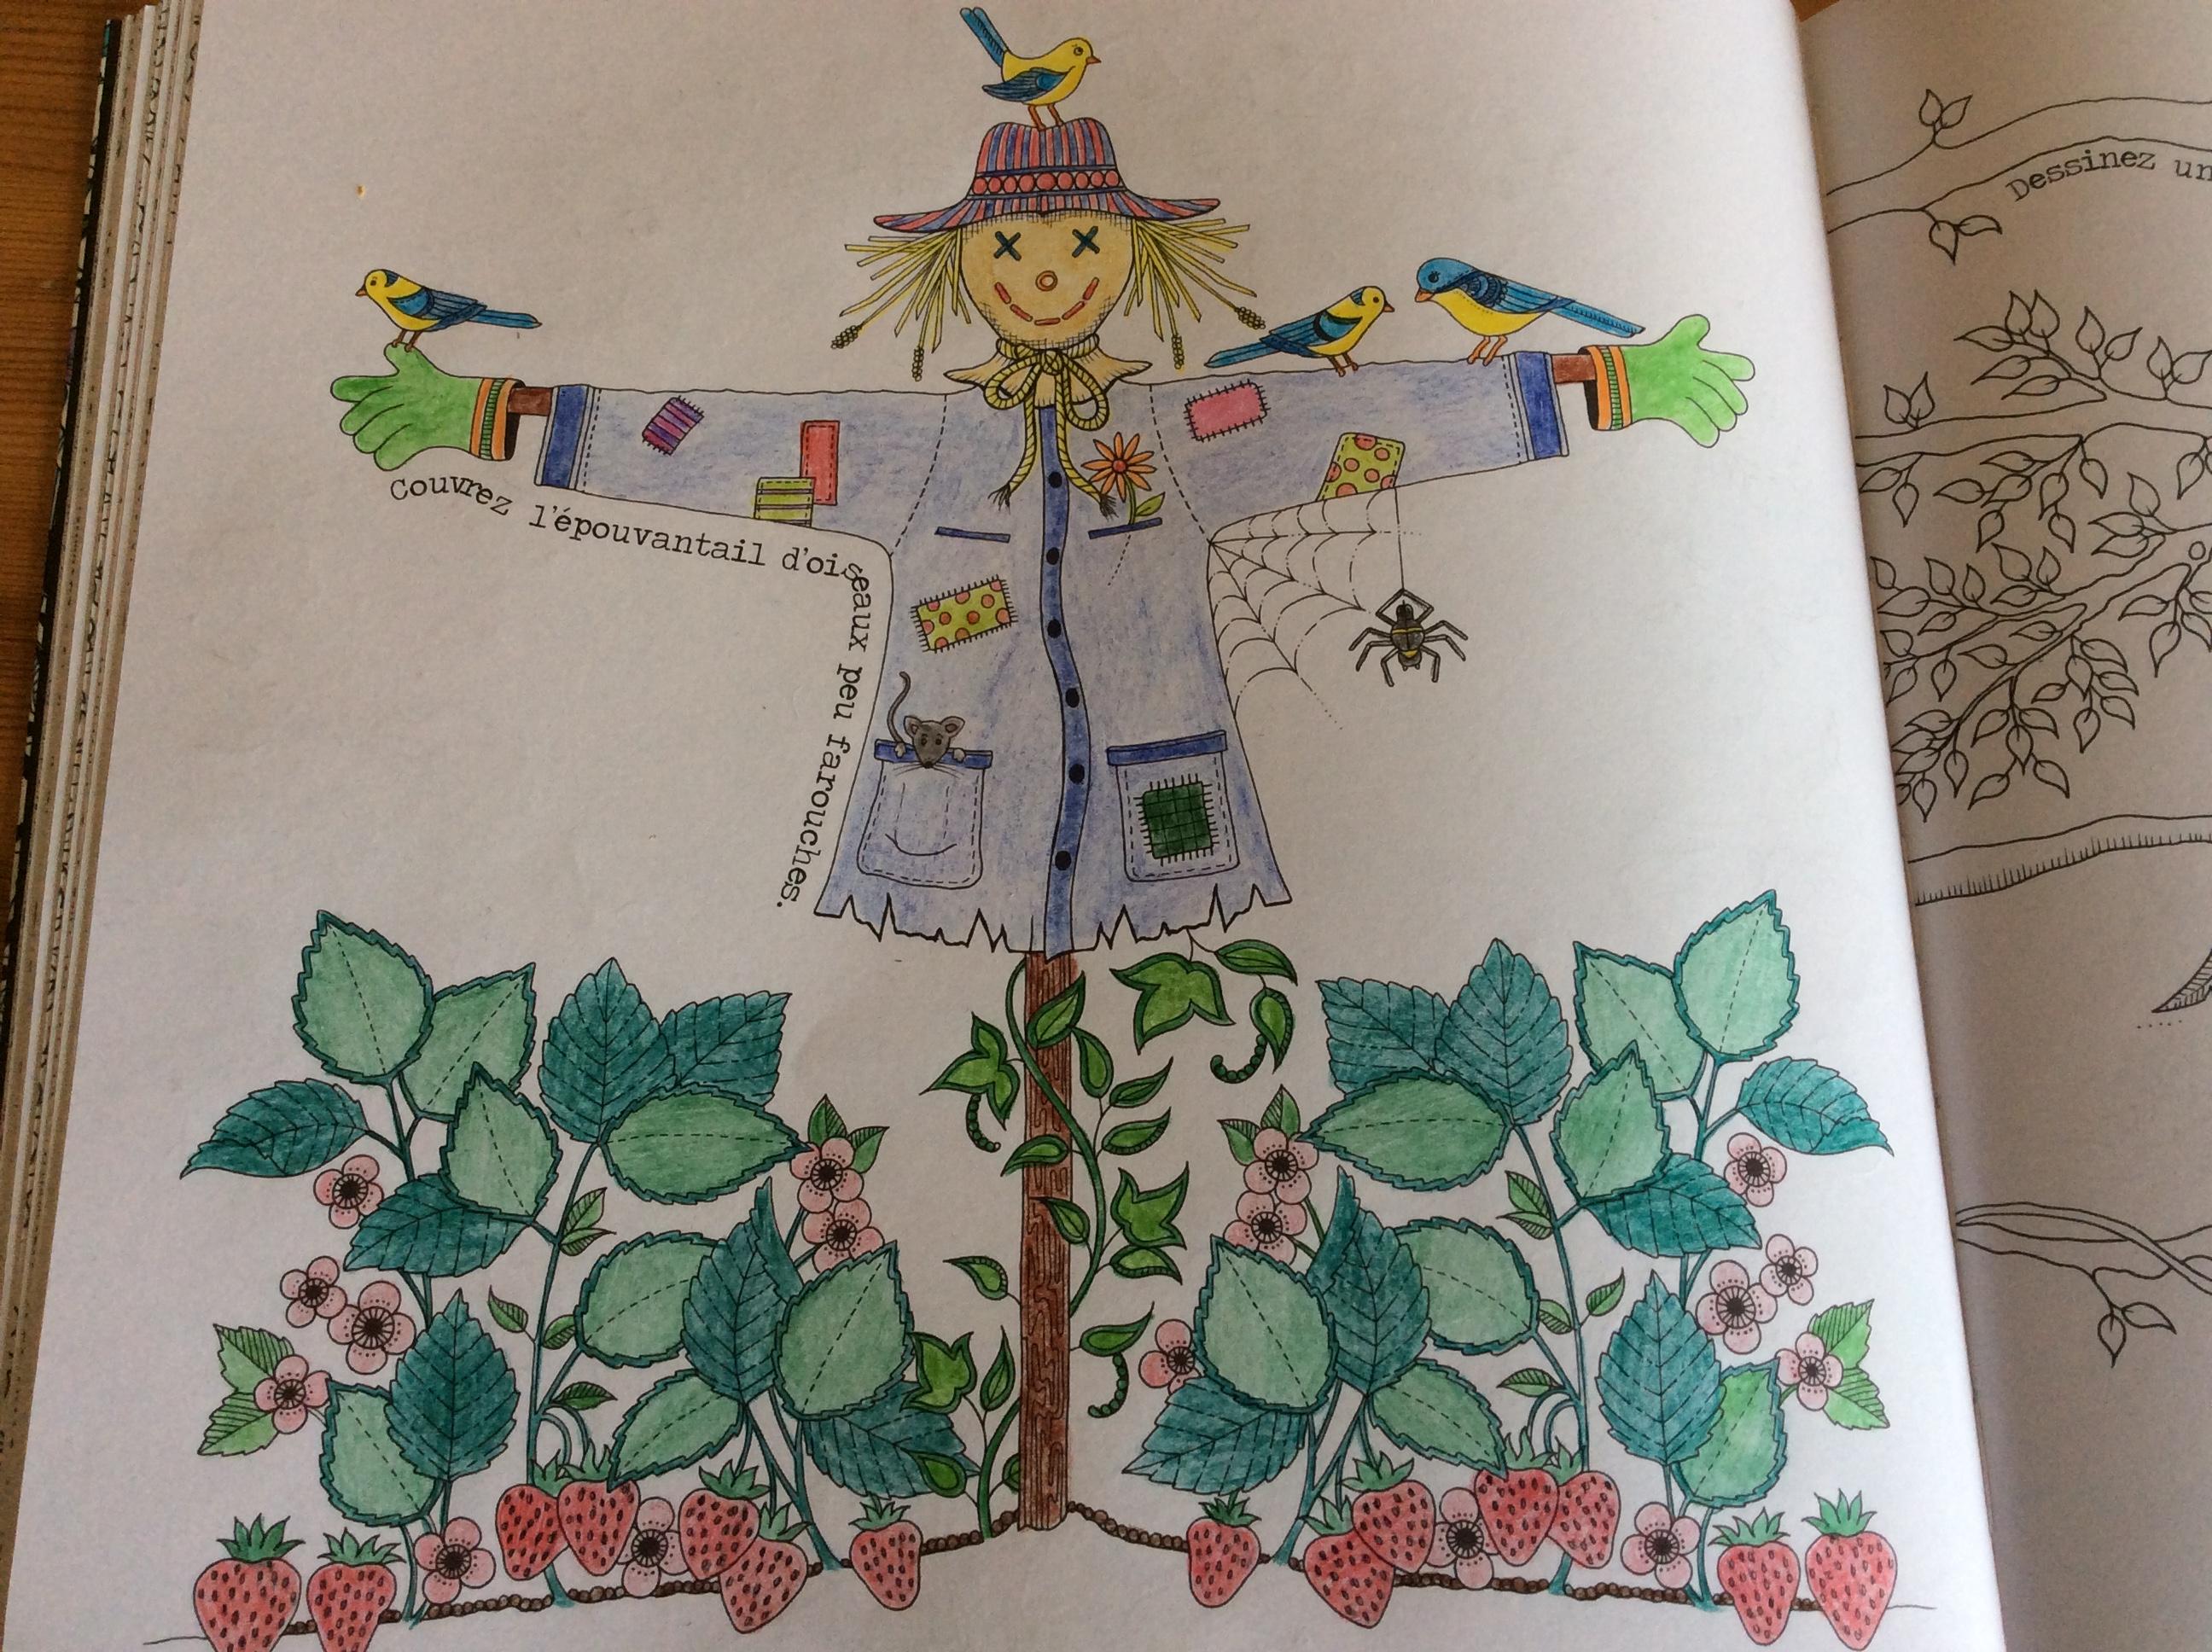 Coloriages et petites cr ations jardin secret for Jardin secret des hansen